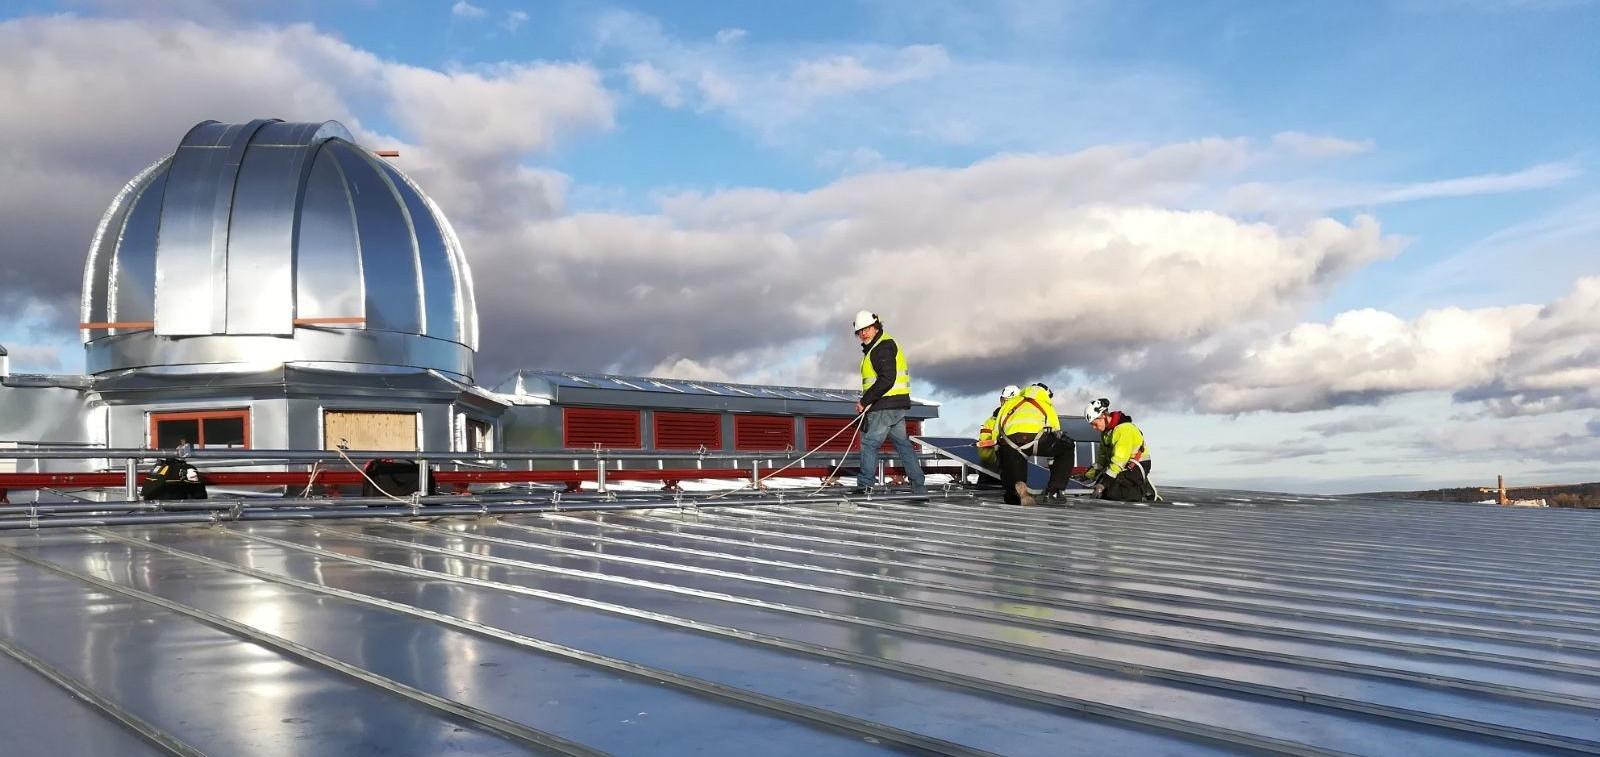 Rakentajat asentavat aurinkopaneelia TSYK:n katolle. Heillä on päällään keltaiset huomioliivit.